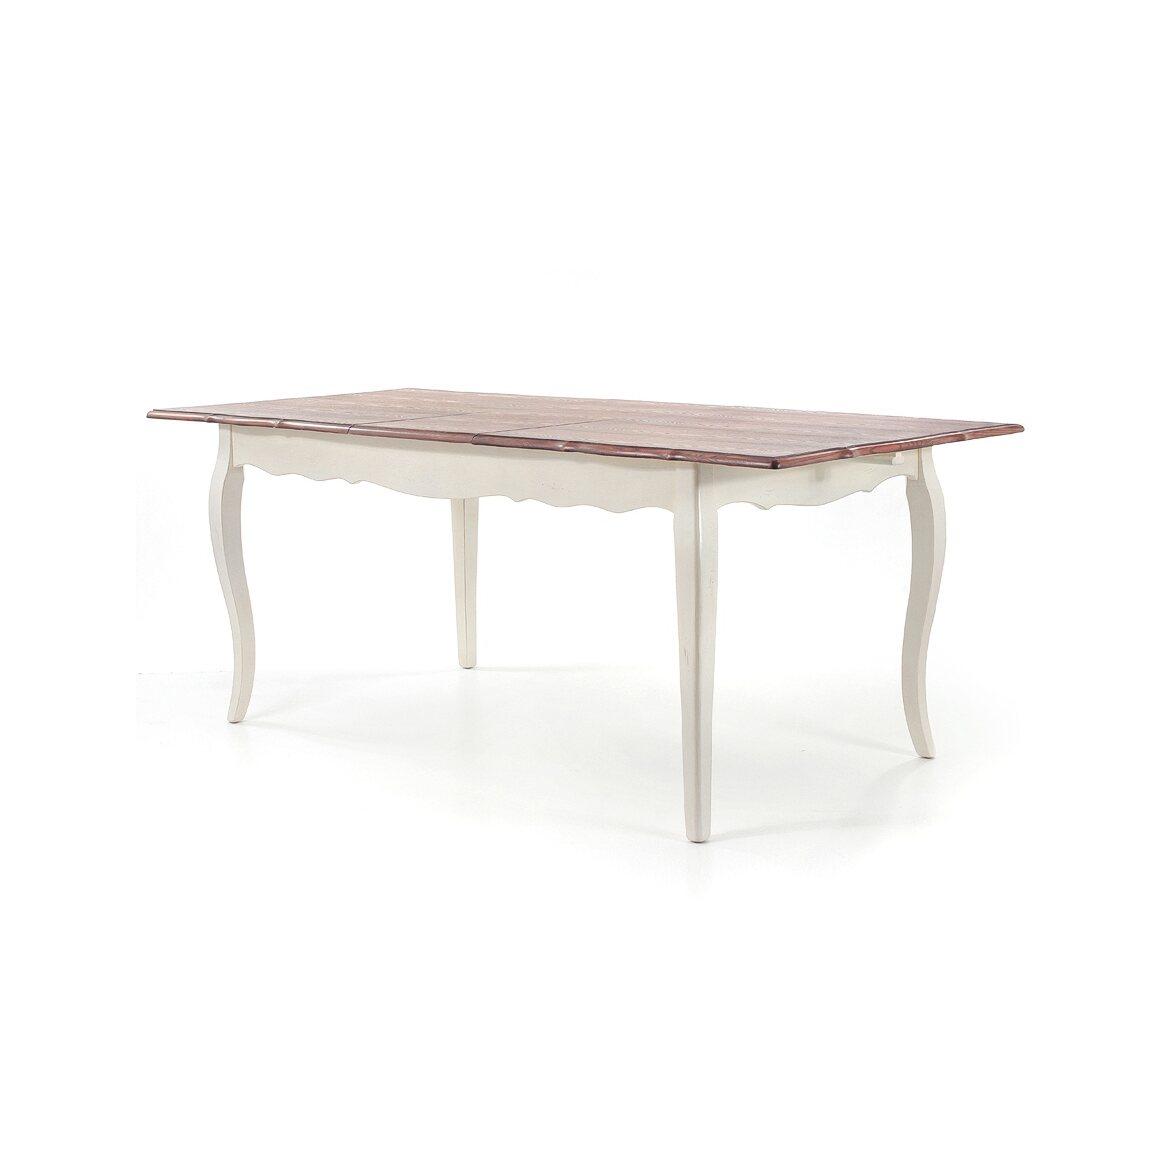 Обеденный стол раскладной Leontina, бежевого цвета 7   Обеденные столы Kingsby